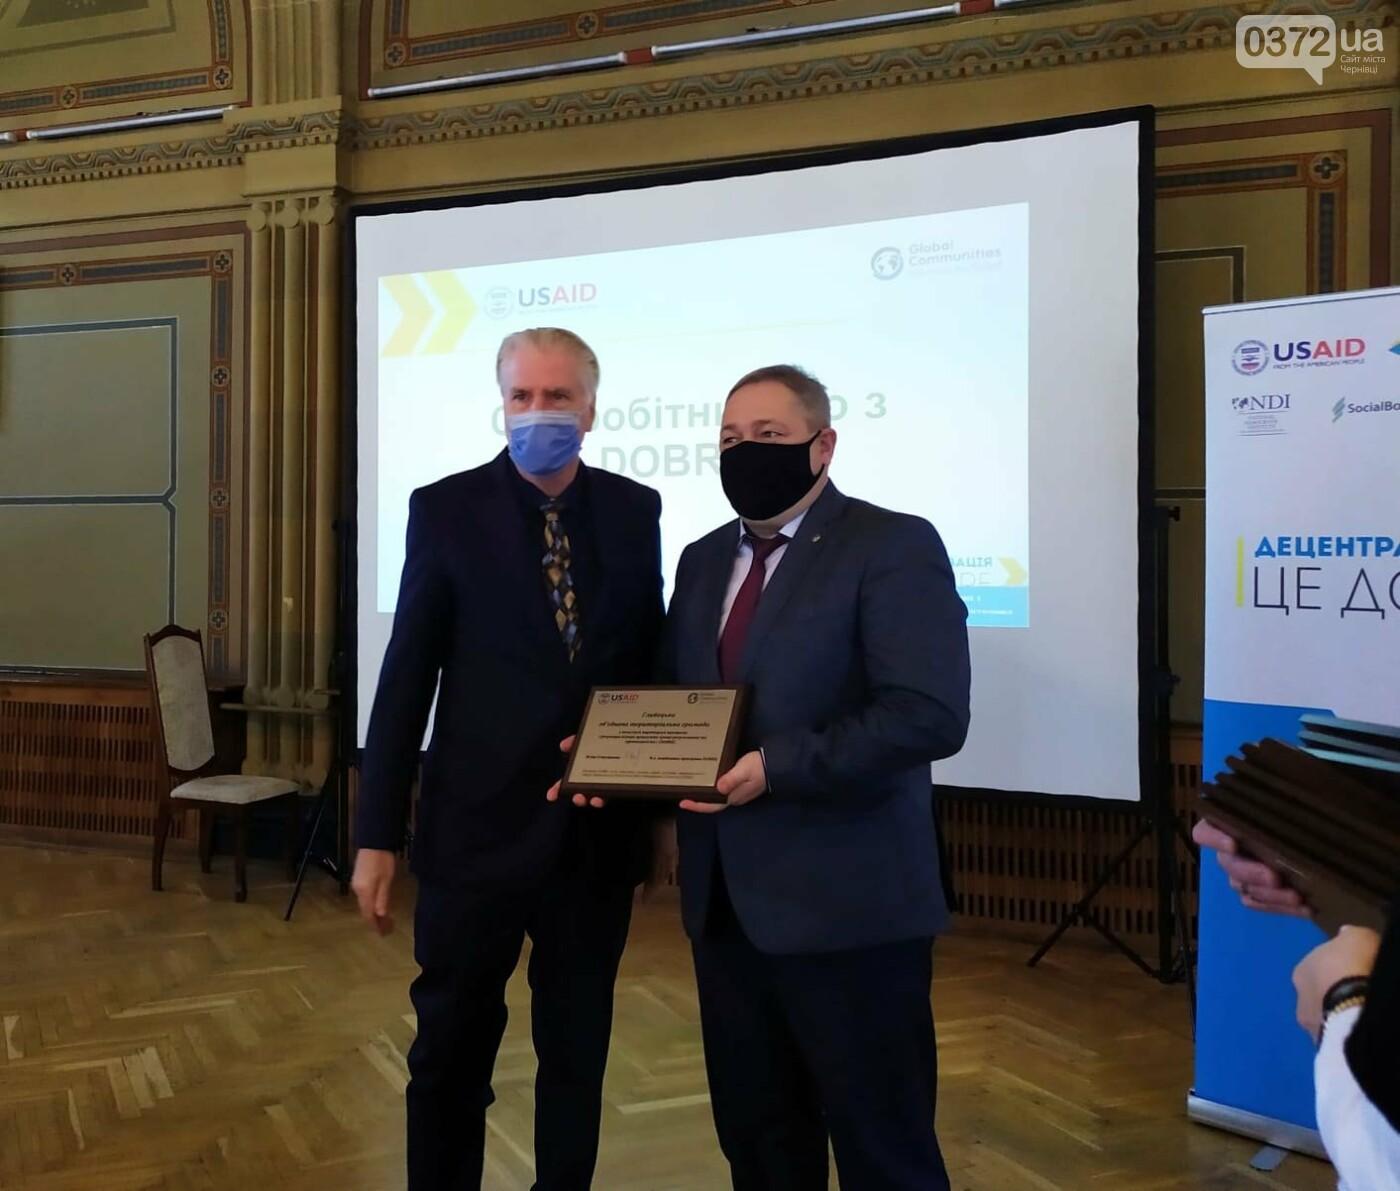 У Чернівцях уклали меморандум про співпрацю в рамках програми DOBRE (ФОТОРЕПОРТАЖ), фото-10, фото 0372.ua